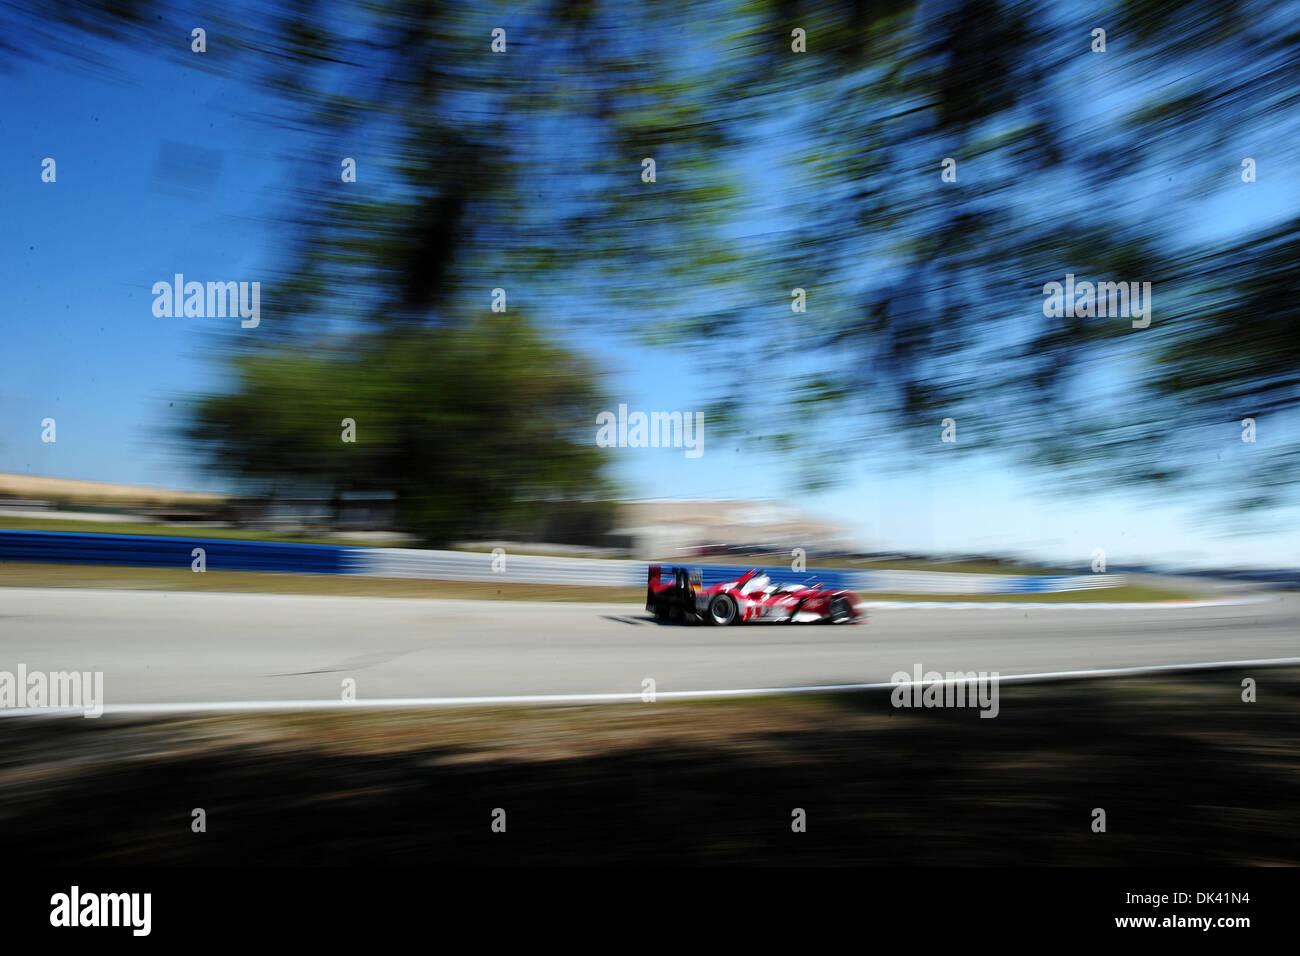 17. März 2011 - treibt Sebring, Florida, USA - Audi Sport-Fahrer TIMO BERNHARD, von Deutschland, der R15 Plus während des Trainings für die 12 Stunden von Sebringin Sebring, Florida. (Kredit-Bild: © Rainier Ehrhardt/ZUMApress.com) Stockbild